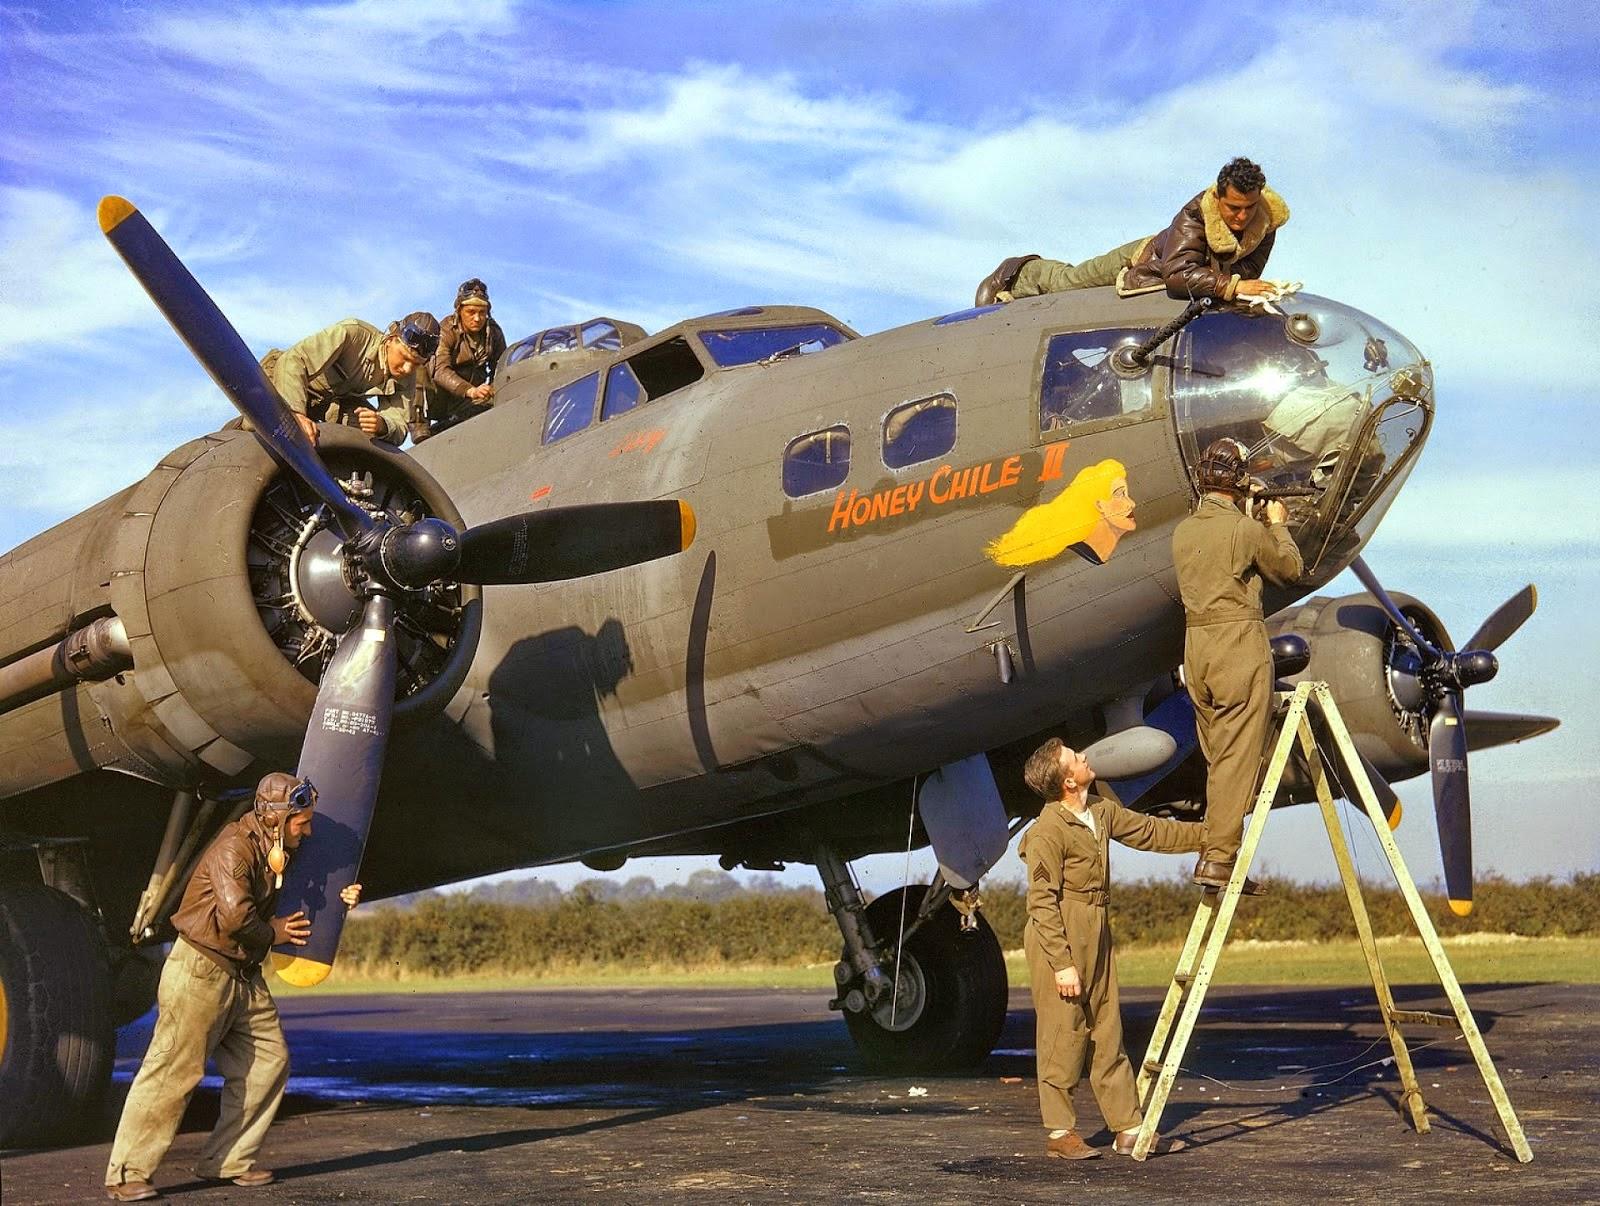 http://3.bp.blogspot.com/-PGheDEv6sCc/VLaa5b6CmXI/AAAAAAABOK8/HDfJ1cUWRUY/s1600/Rare+Color+Photographs+from+World+War+II+(20).jpg